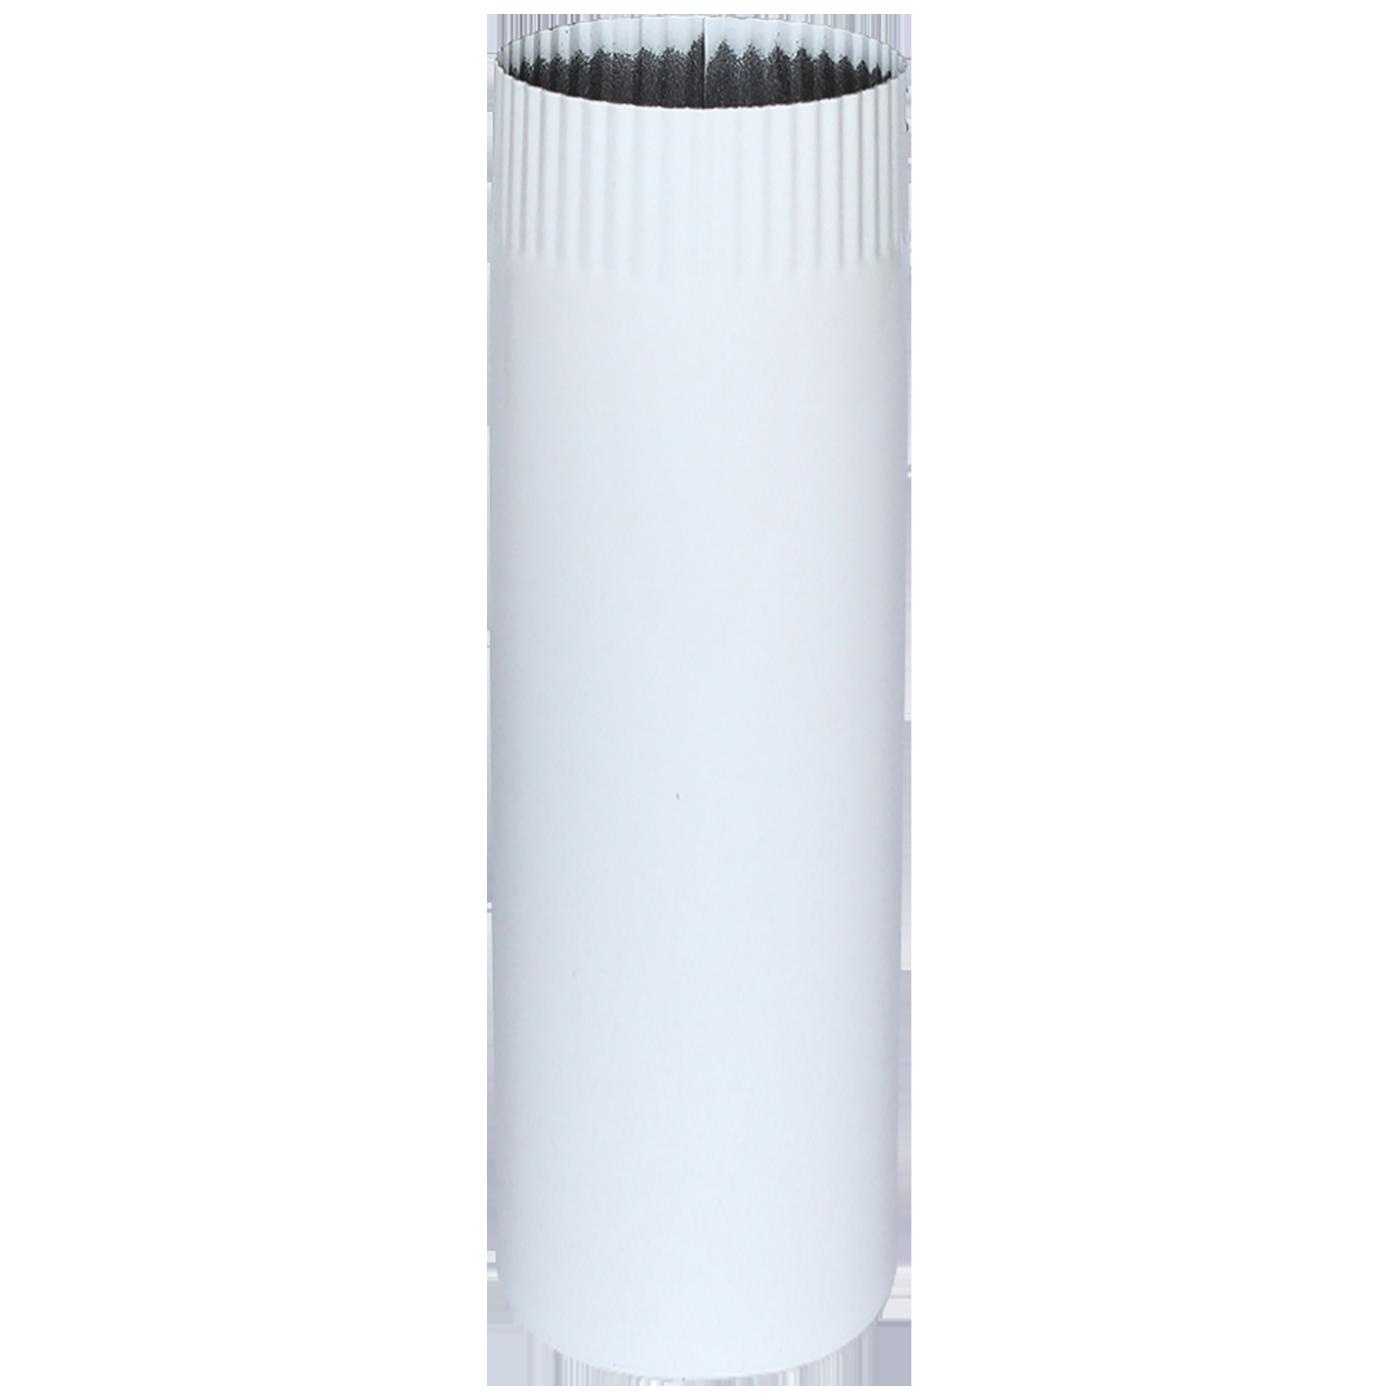 DINAMO - Dimovodna cijev, 0.5met., bijela